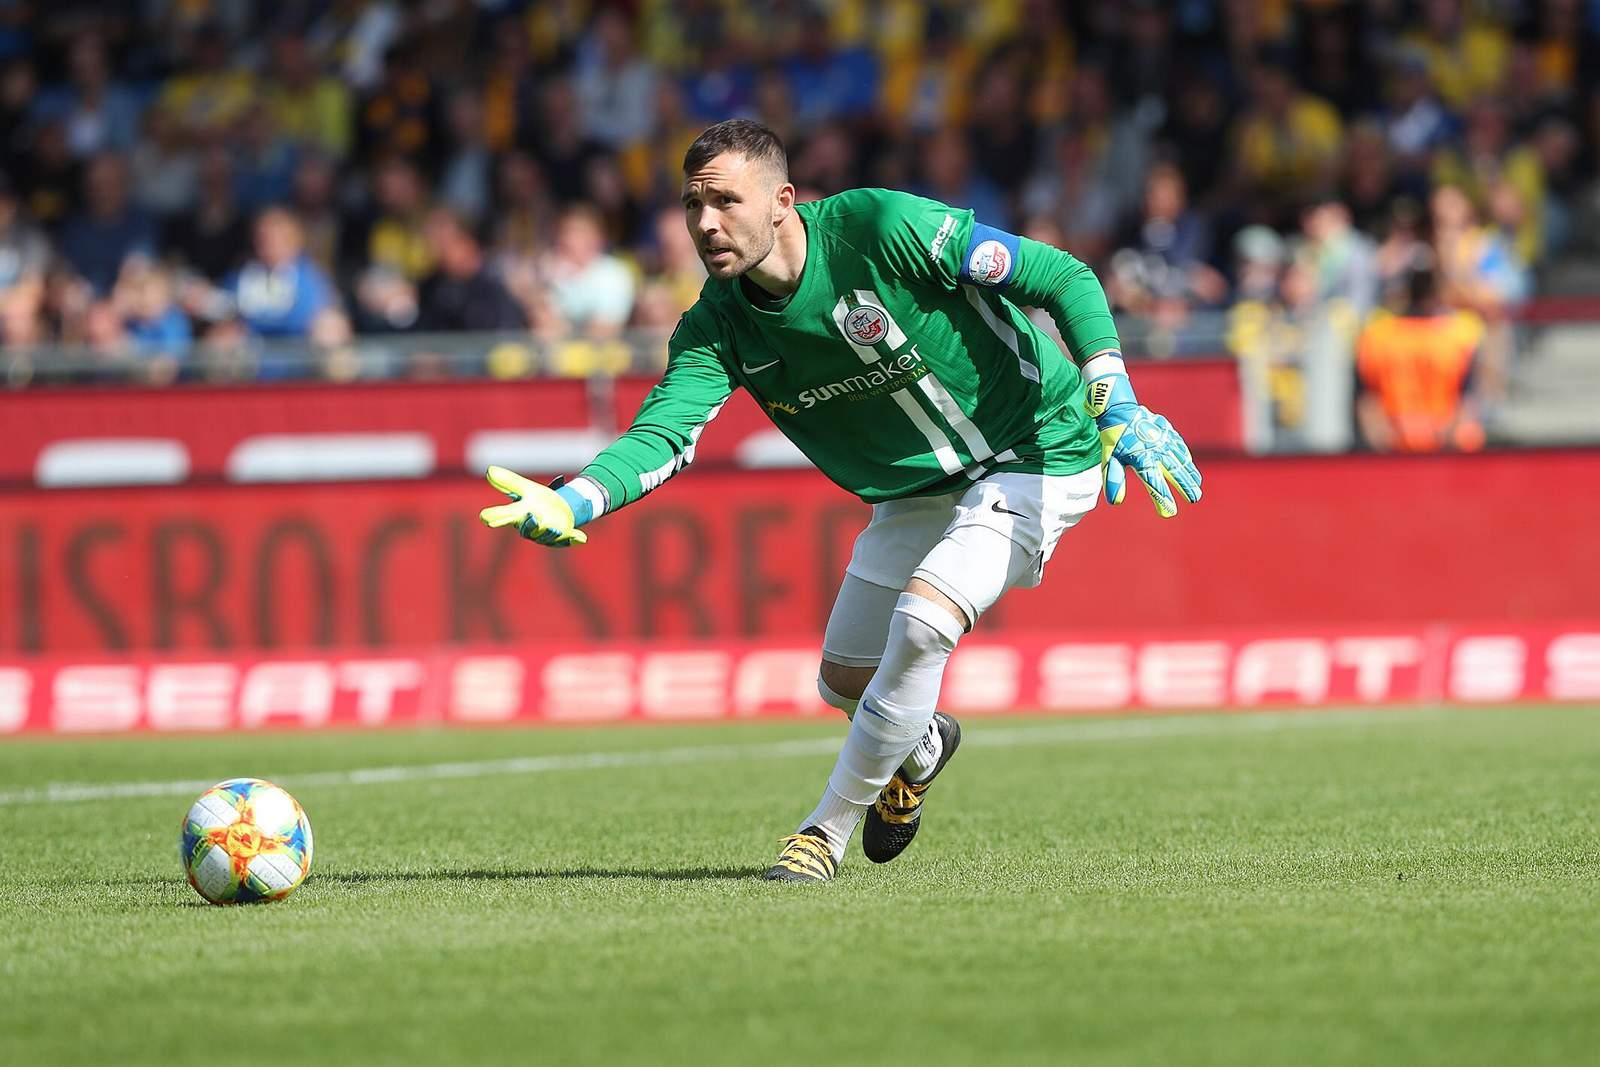 Markus Kolke im Einsatz.